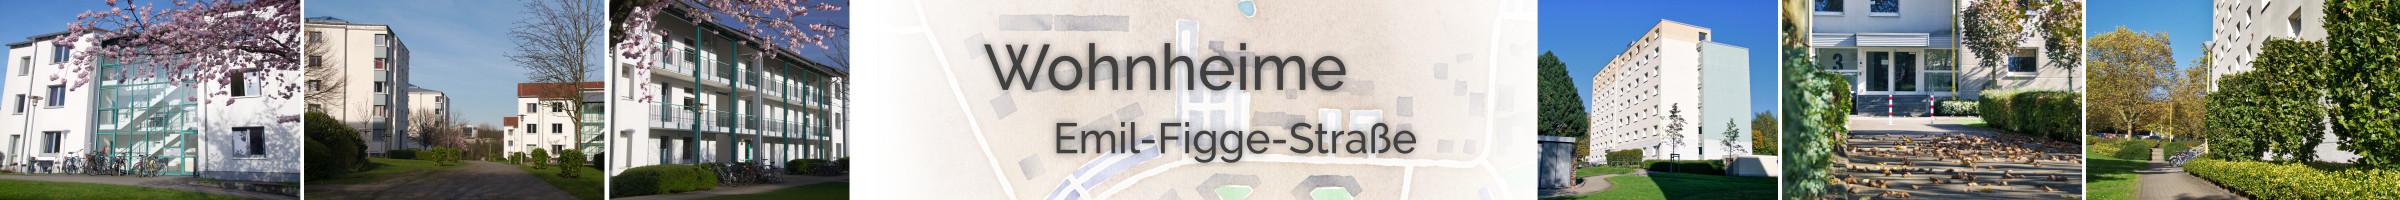 Bewohnerseite Wohnheime Emil-Figge-Straße Dortmund